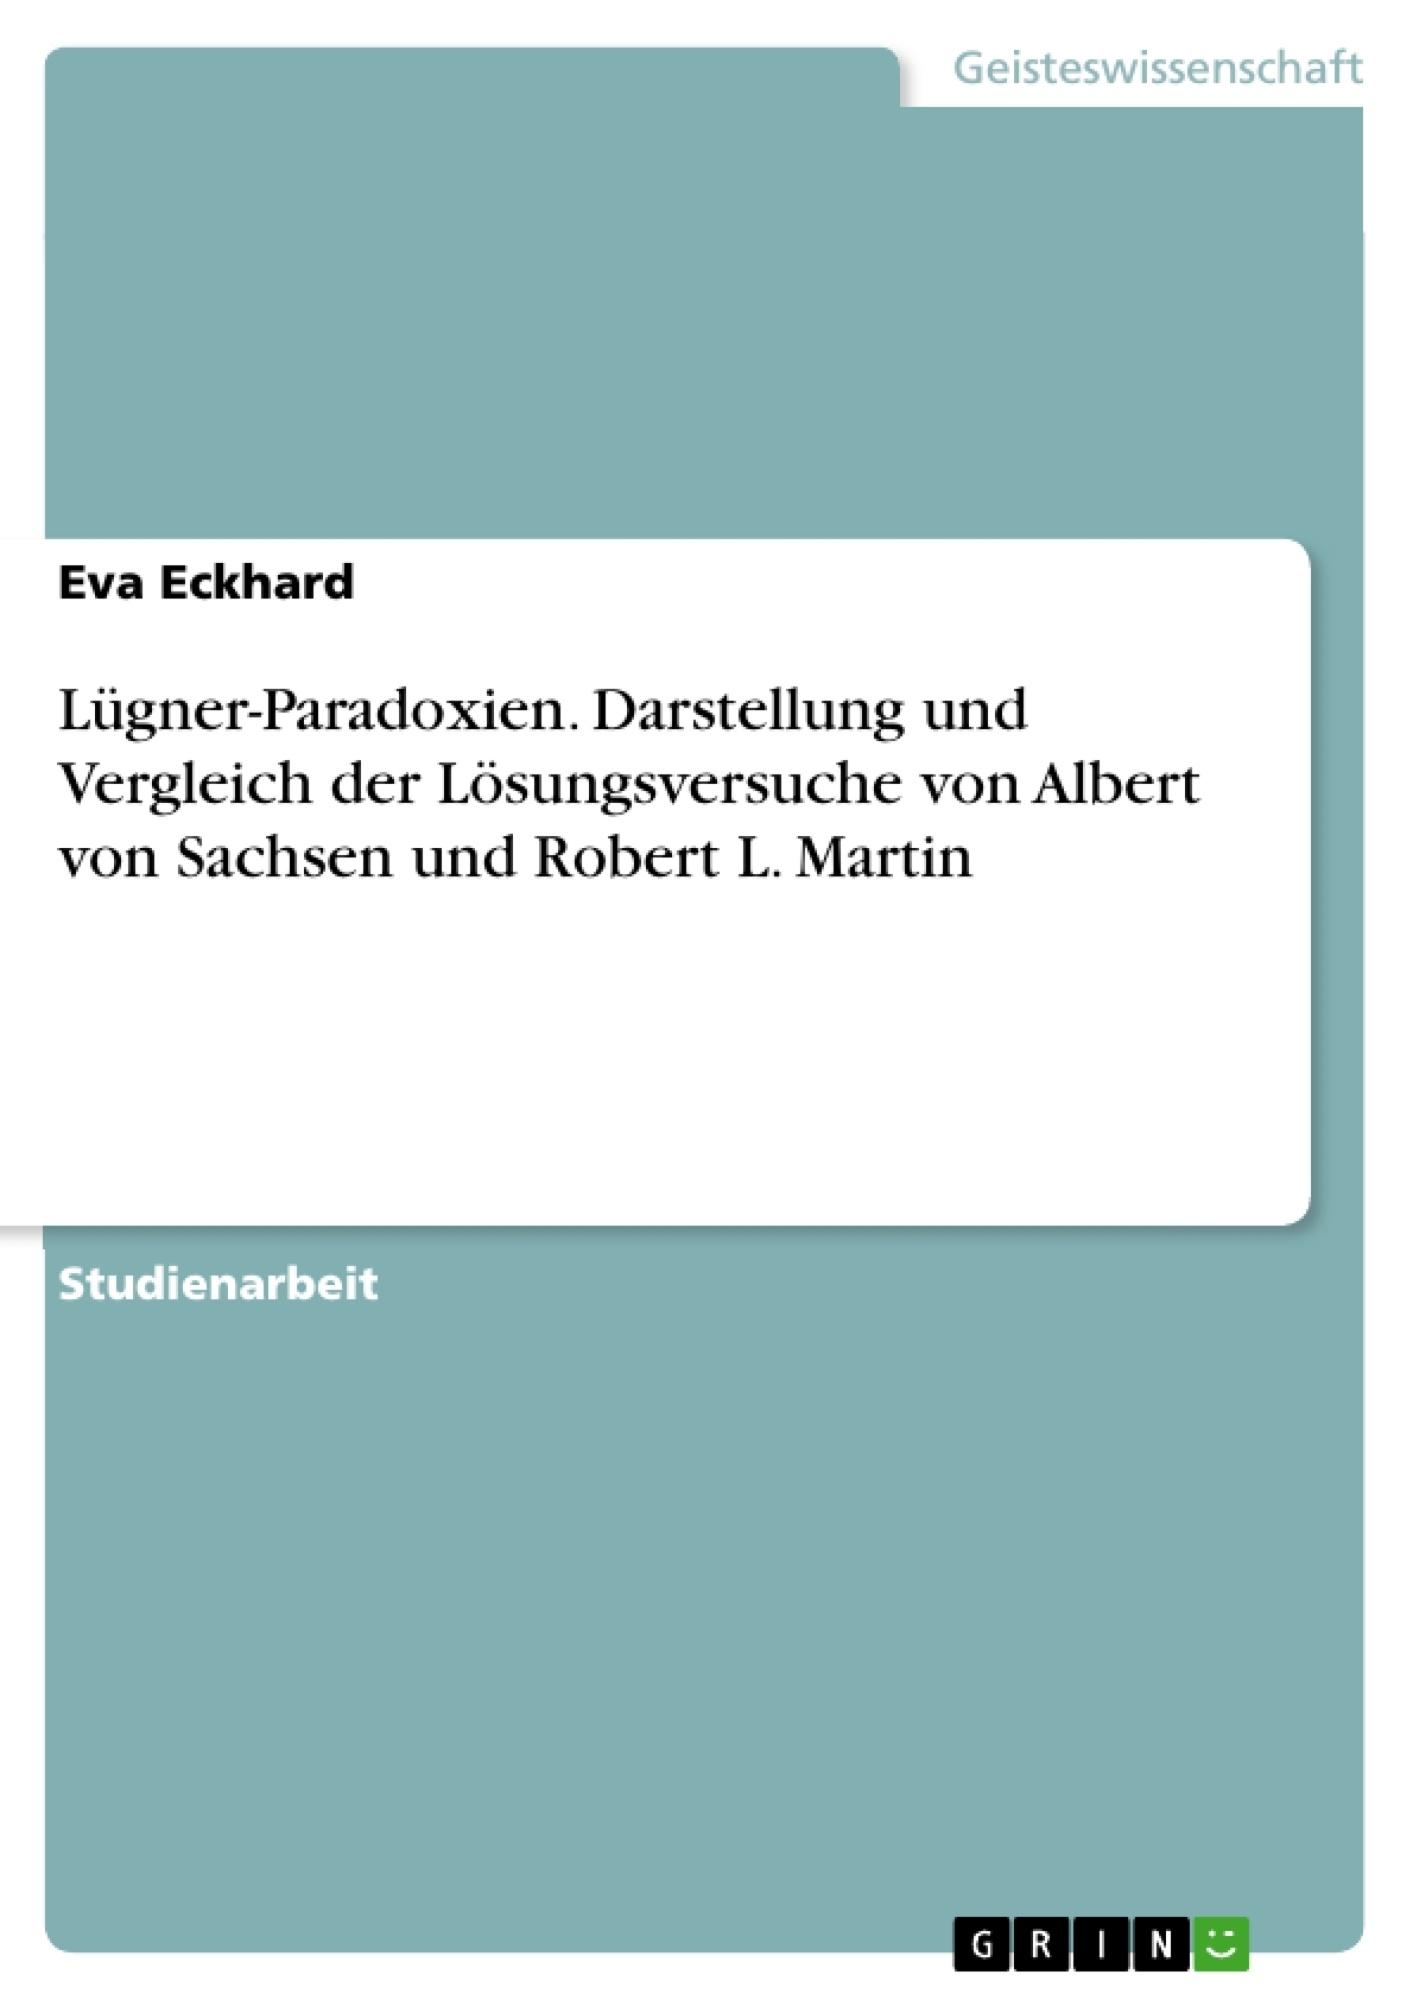 Titel: Lügner-Paradoxien. Darstellung und Vergleich der Lösungsversuche von Albert von Sachsen und Robert L. Martin